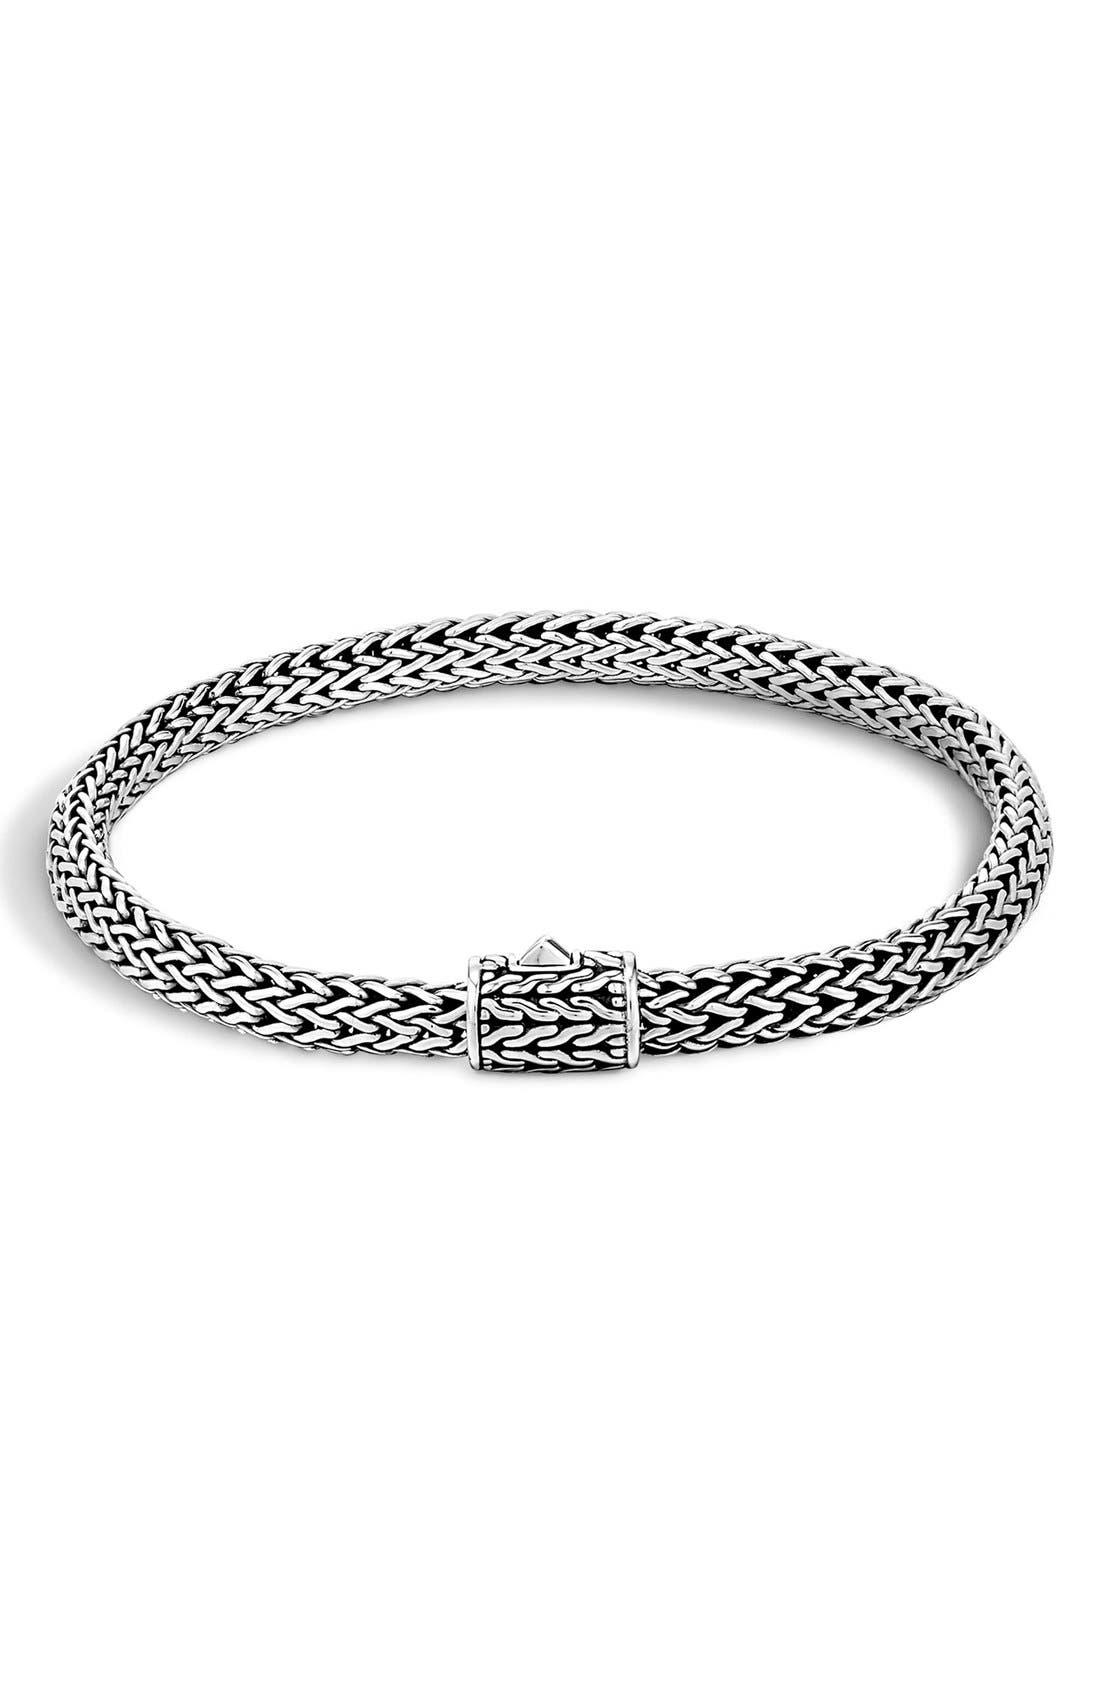 Alternate Image 1 Selected - John Hardy 'Bedeg' Slim Chain Bracelet